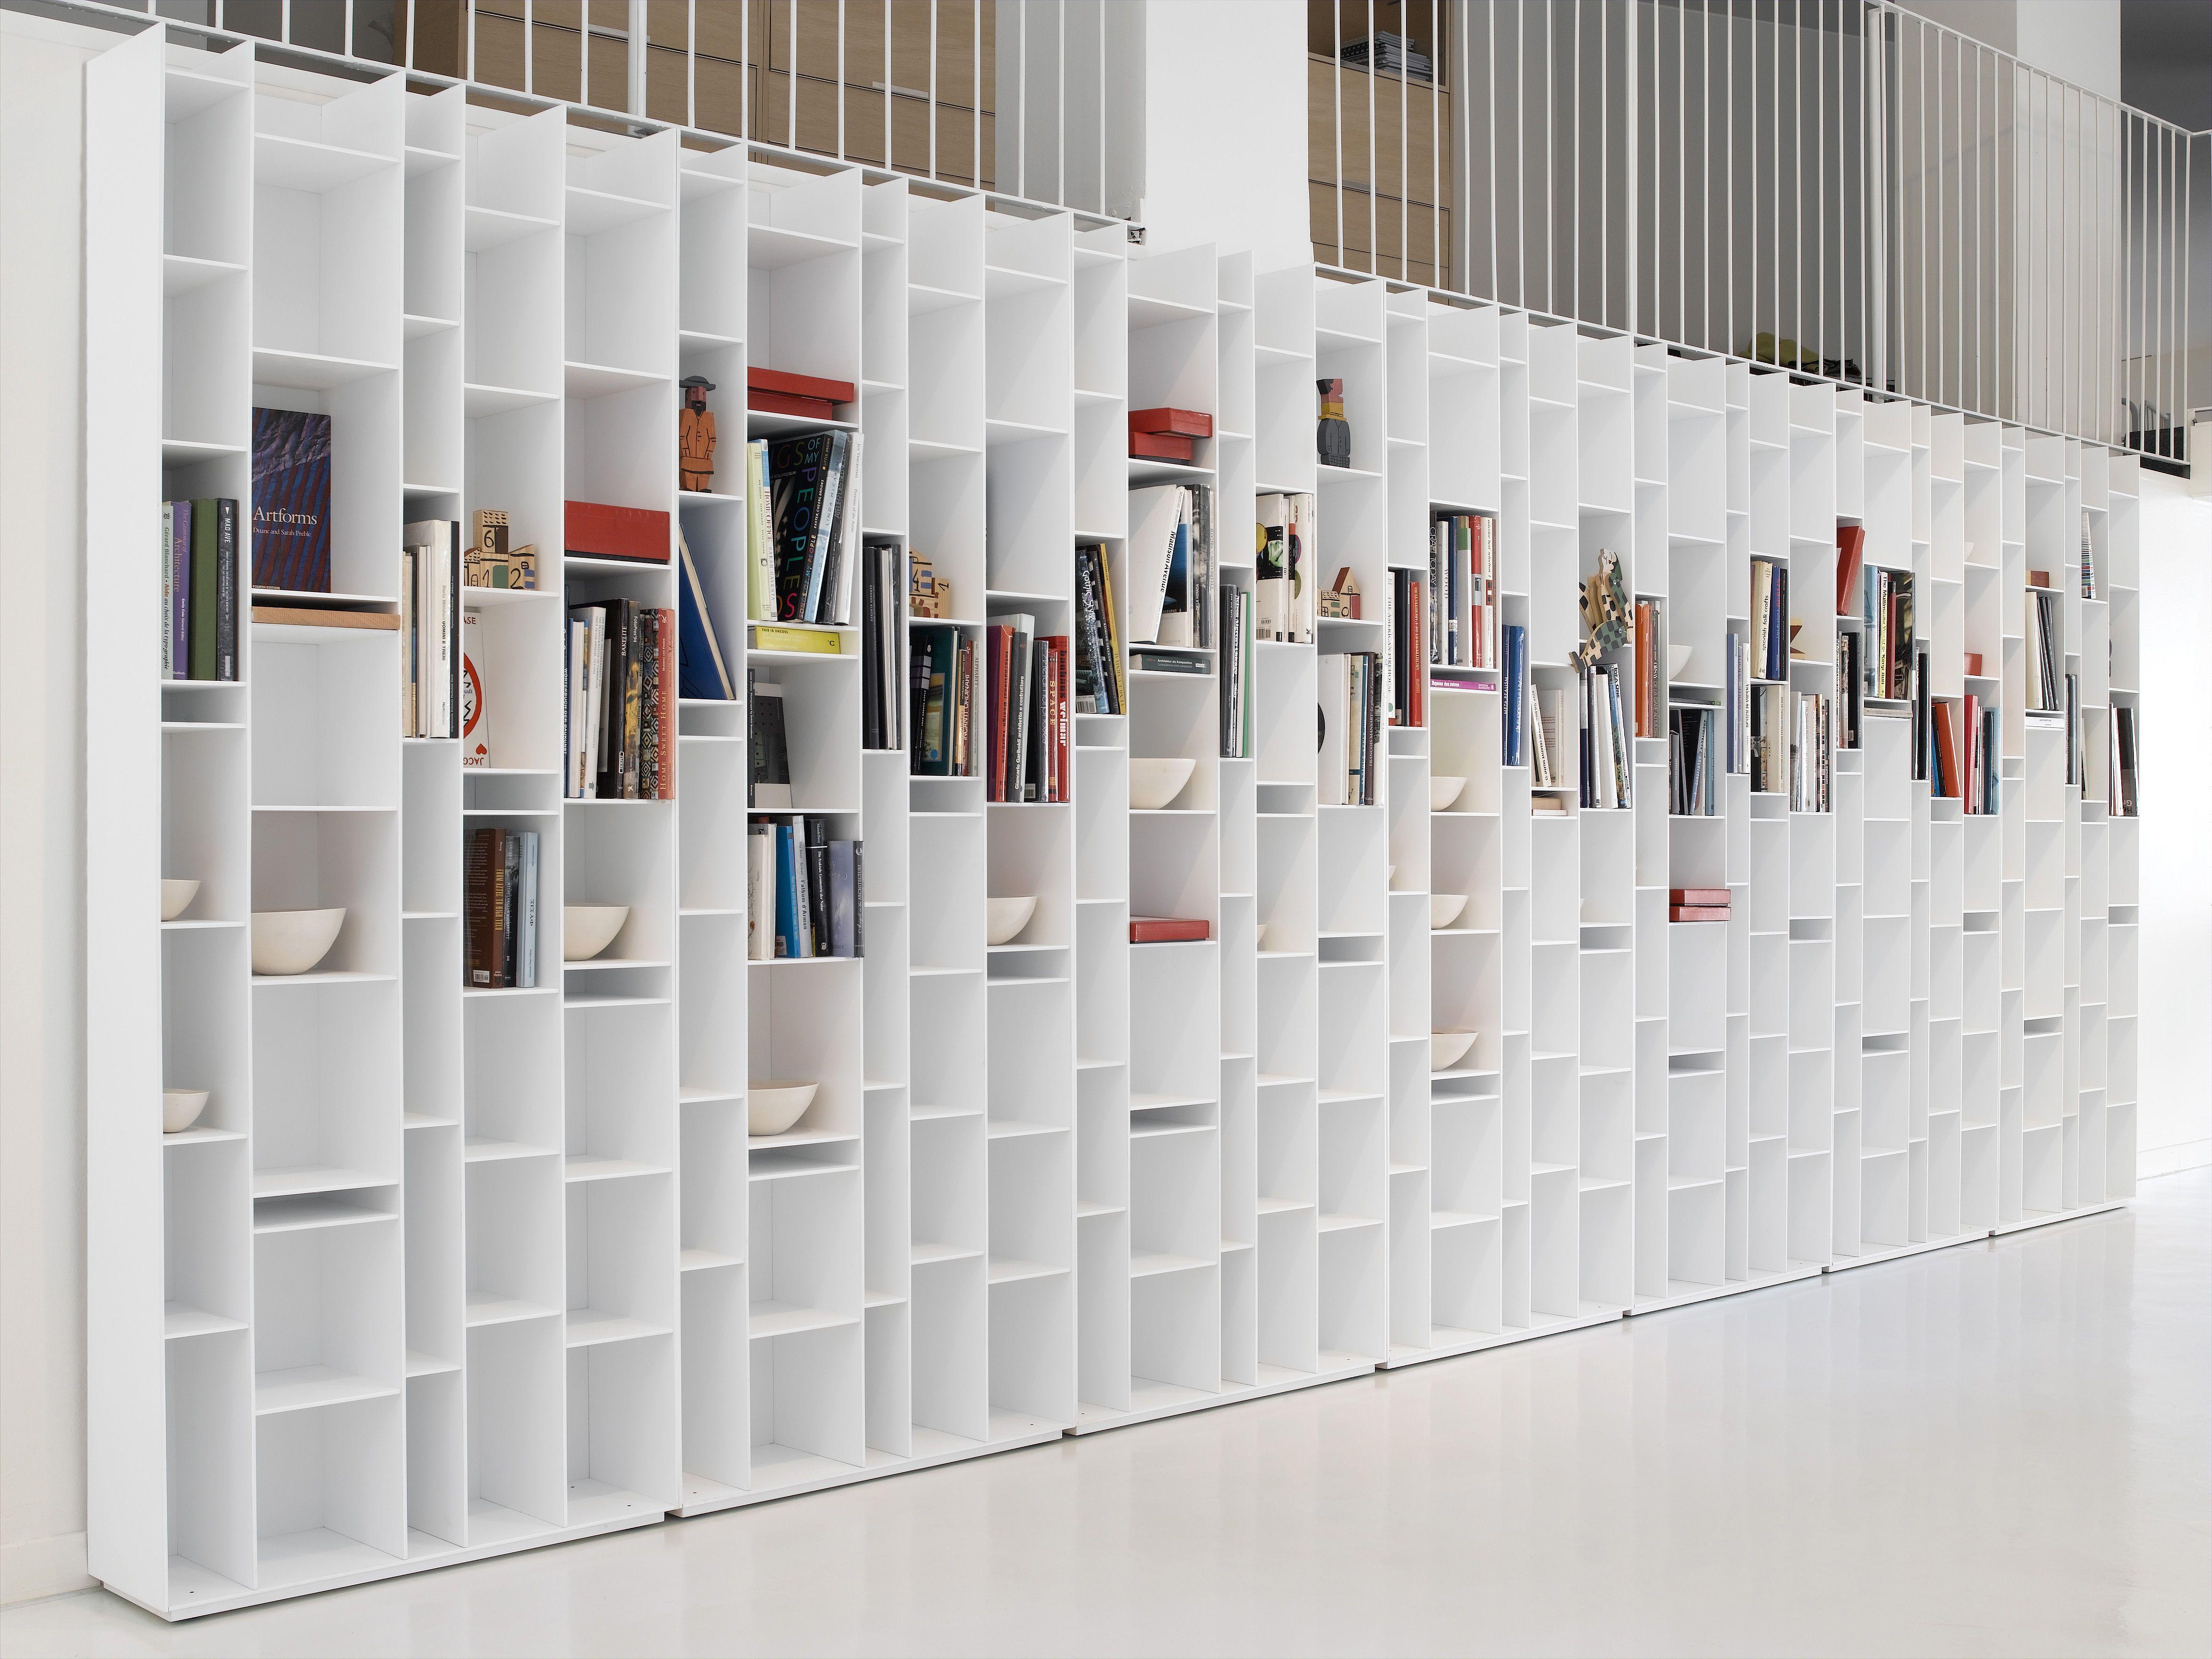 Biblioth Que Random Blanc Laqu Mdf Italia D Coration Et  # Meuble Bibliotheque Laque Blanc